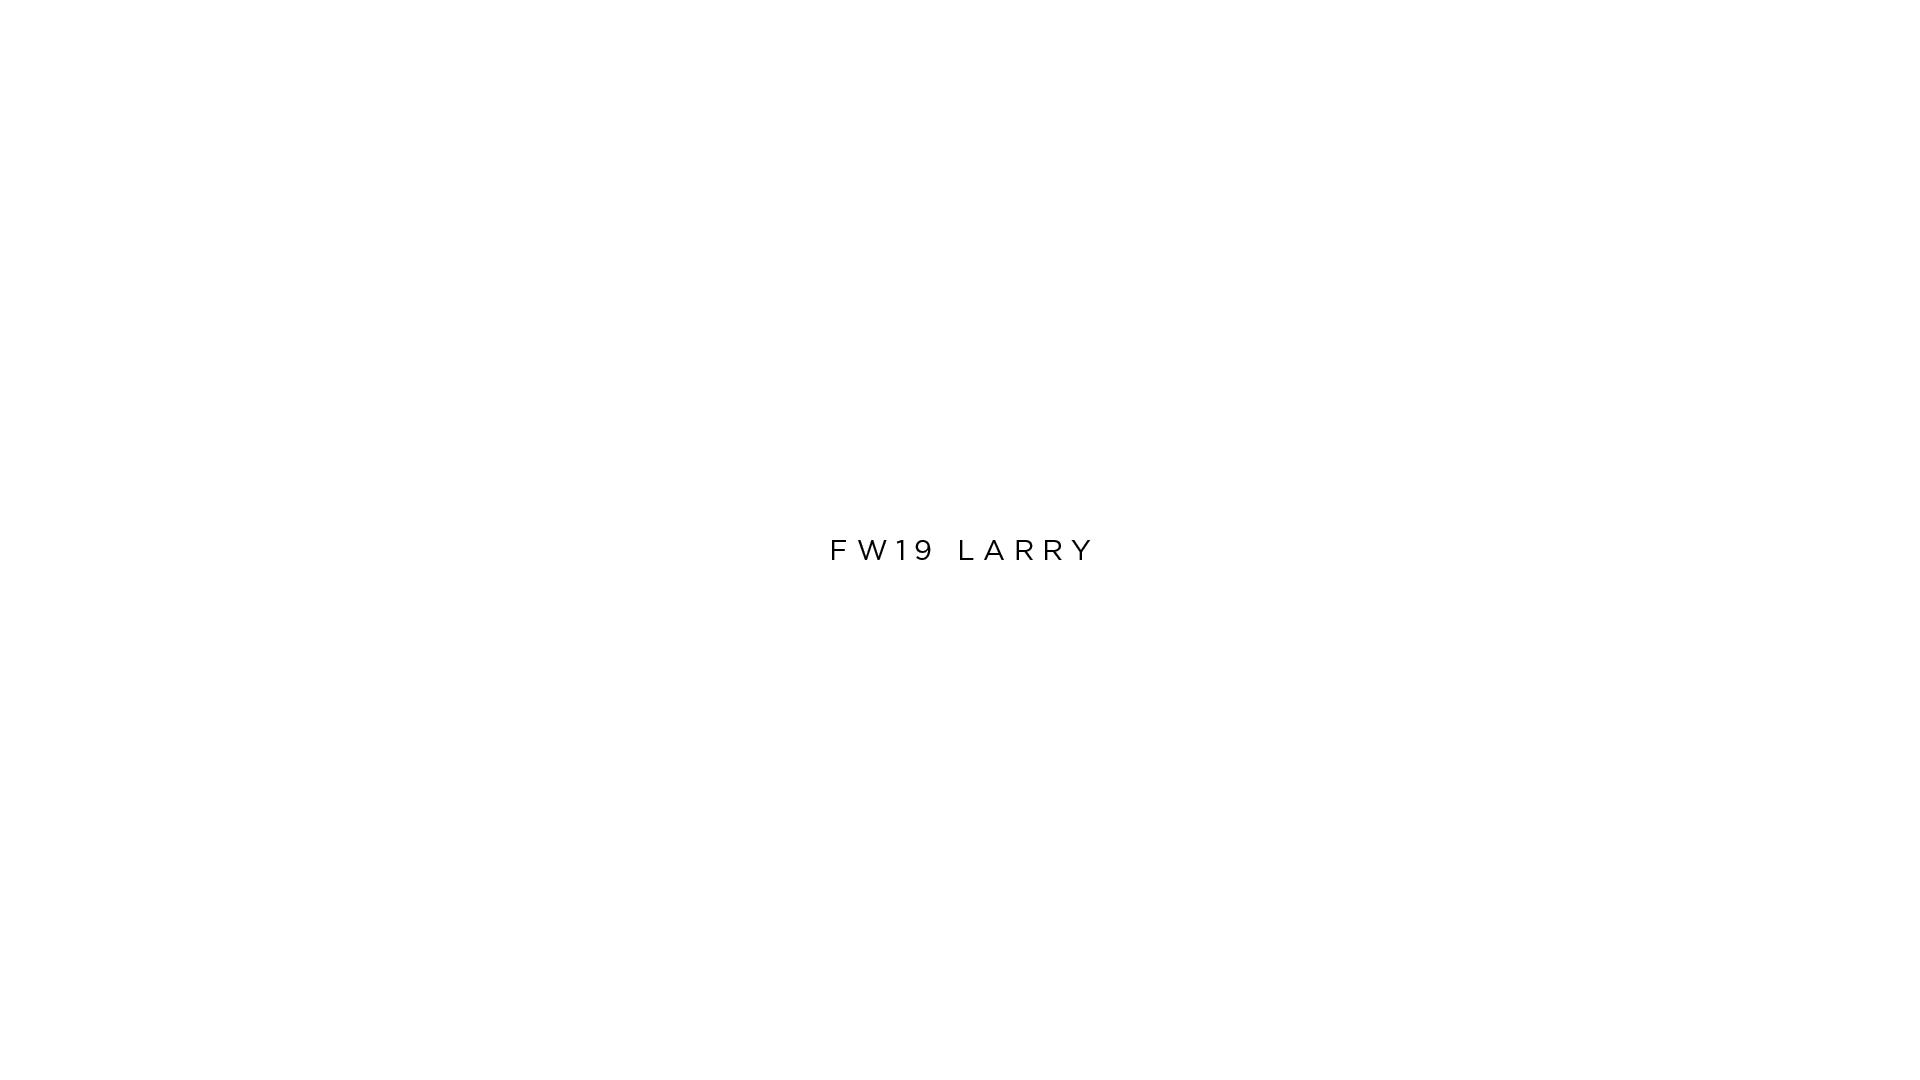 Larry fw19